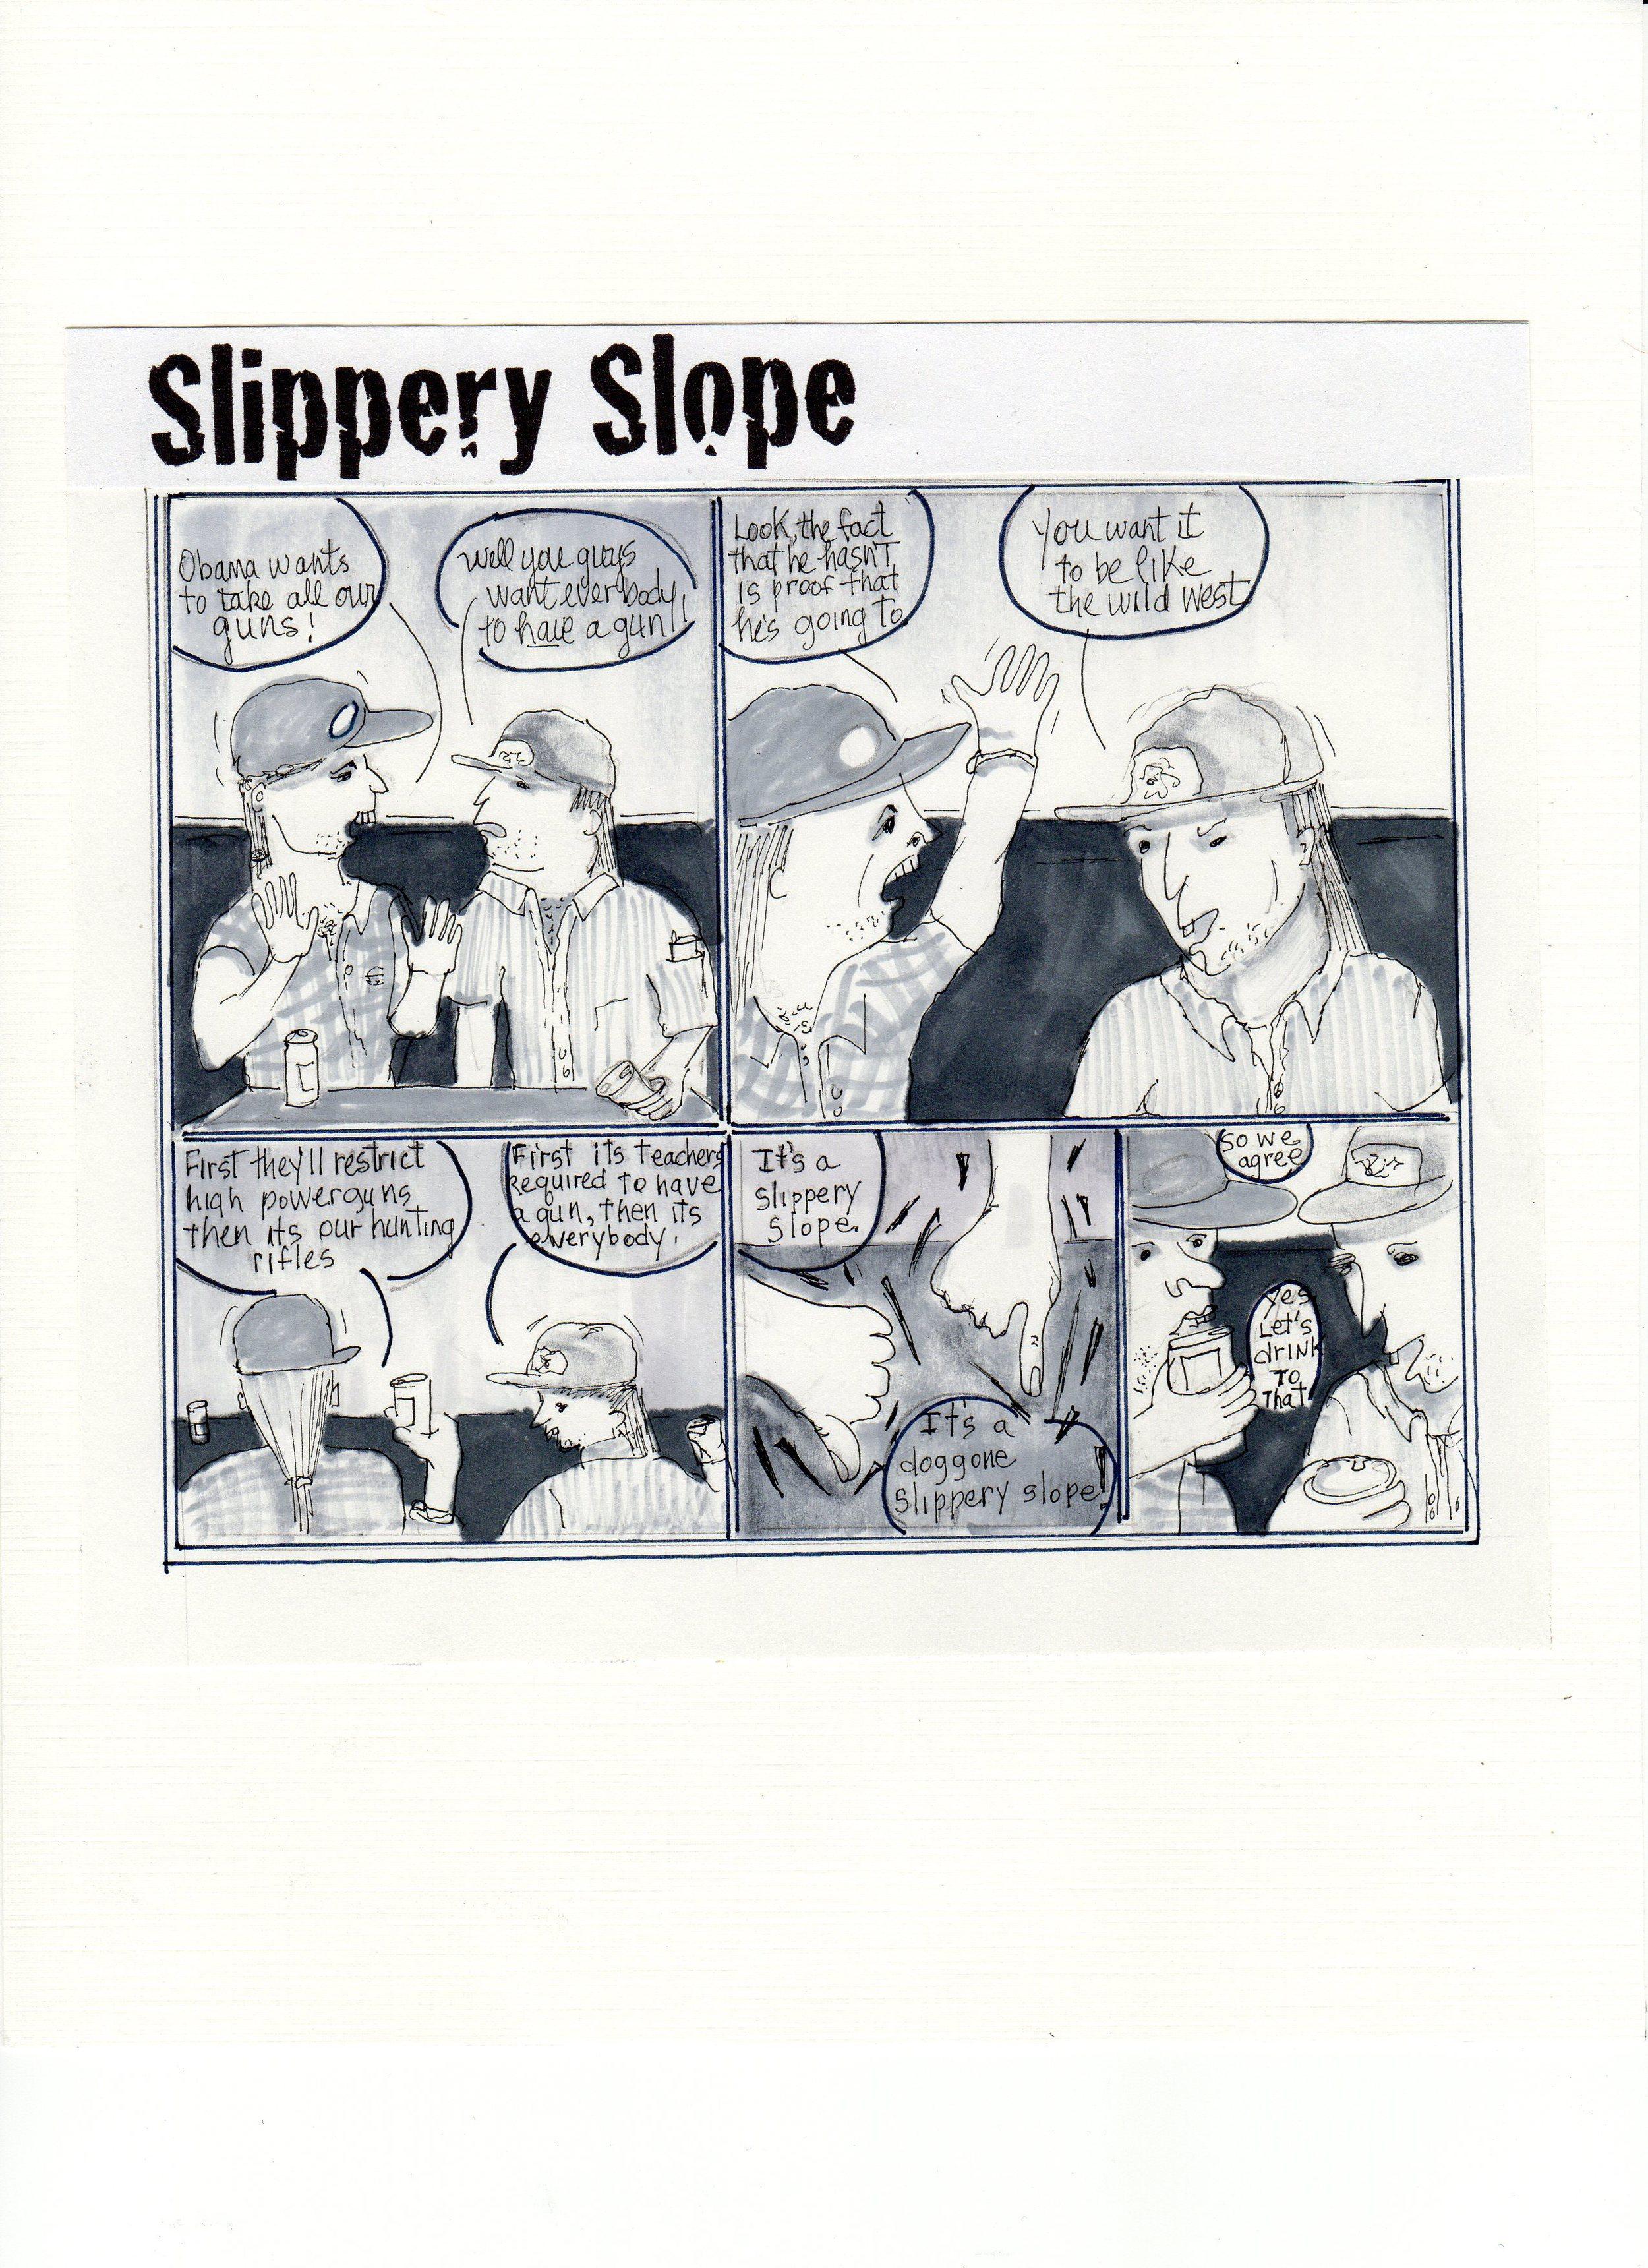 cjd_slipperyslope.jpg